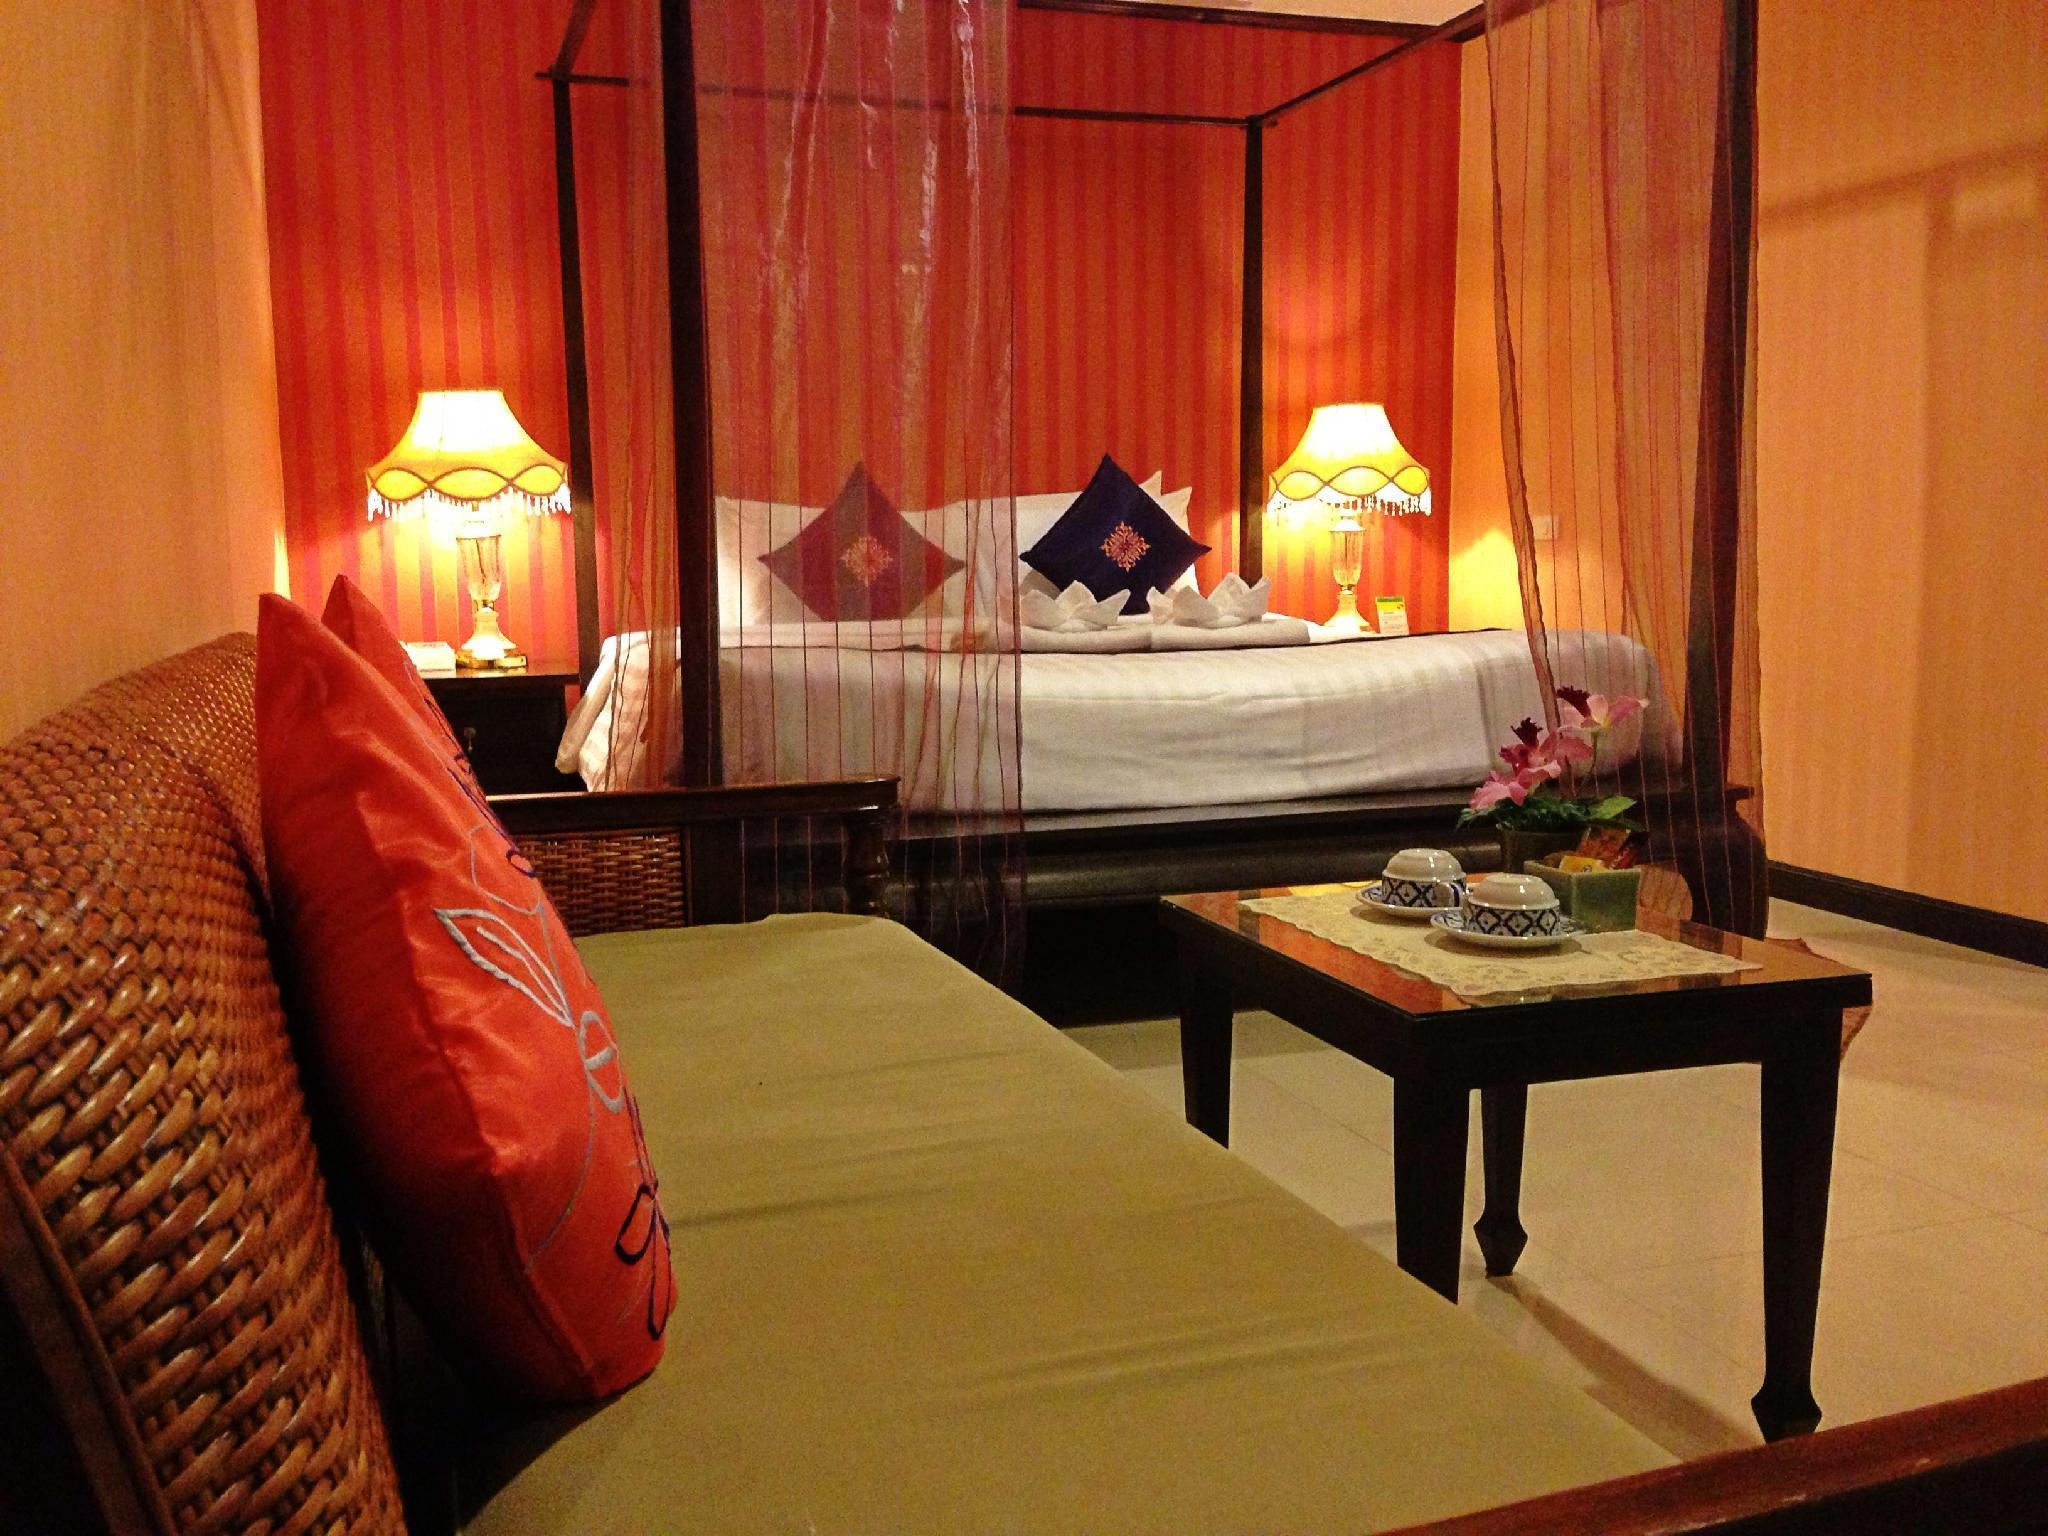 Na Thapae Hotel โรงแรม ณ ท่าแพ